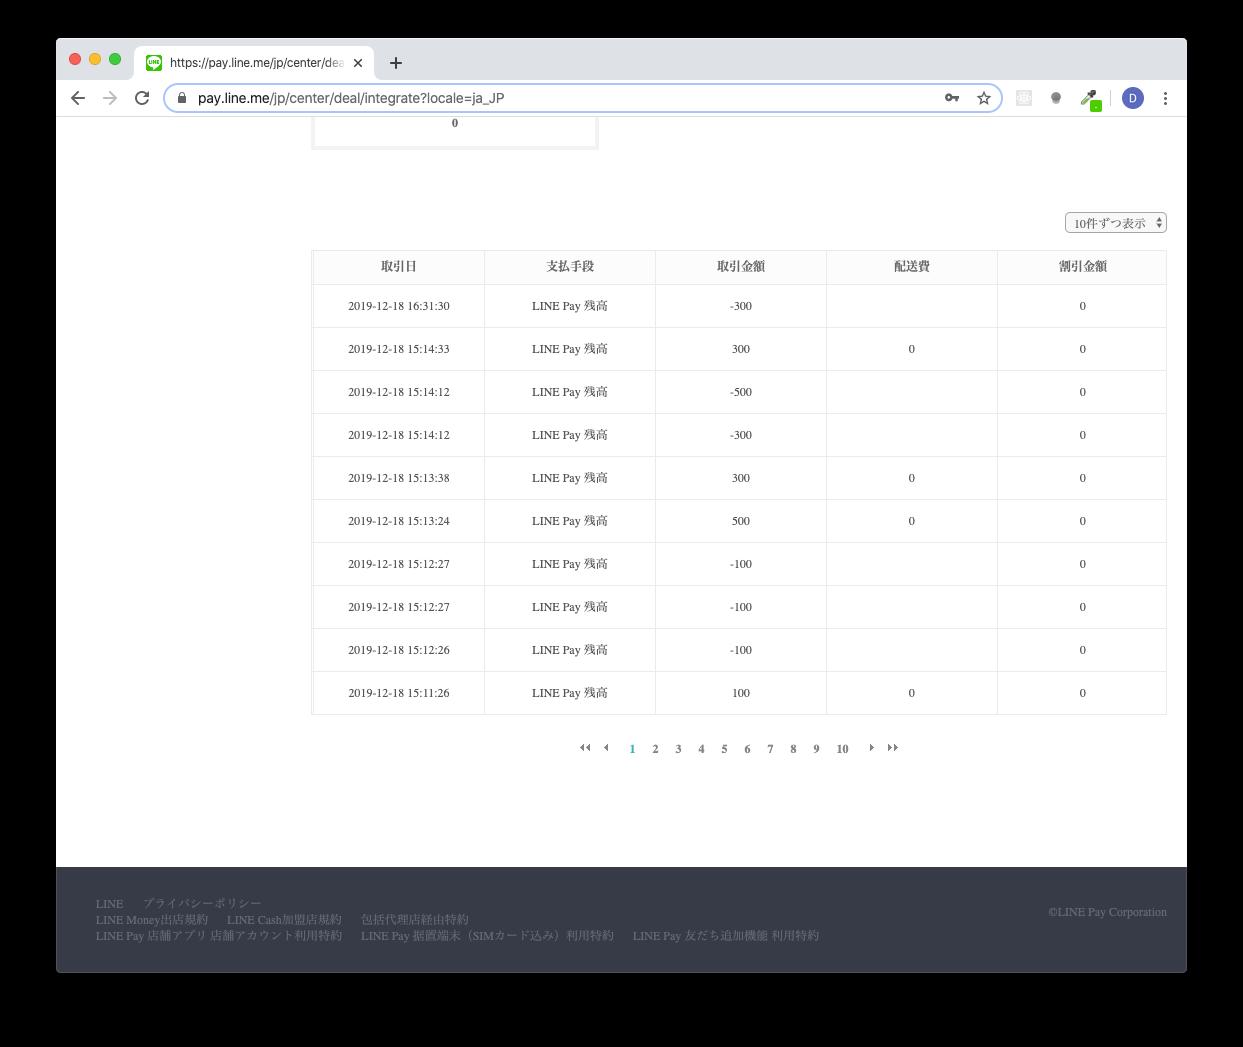 スクリーンショット 2019-12-23 18.05.47.png (198.1 kB)